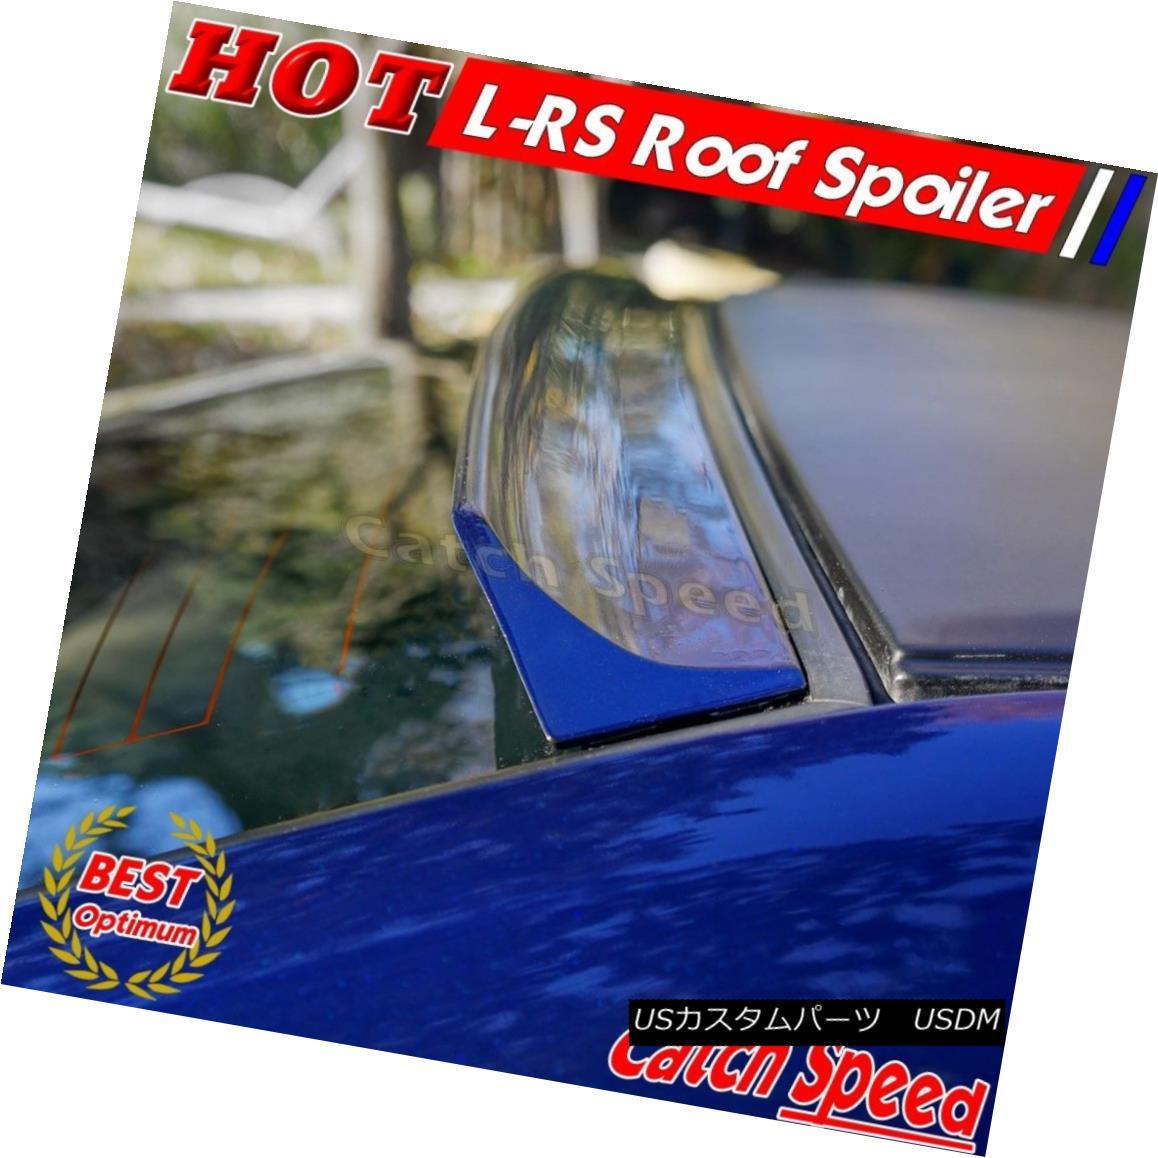 エアロパーツ Painted LRS Rear Roof Spoiler Wing For Hyundai Grandeur Q20 XG 1998-05 Sedan ? 現代グランジャーQ20 XG 1998-05セダン用LRSリアルーフスポイラーウイング塗装済み?